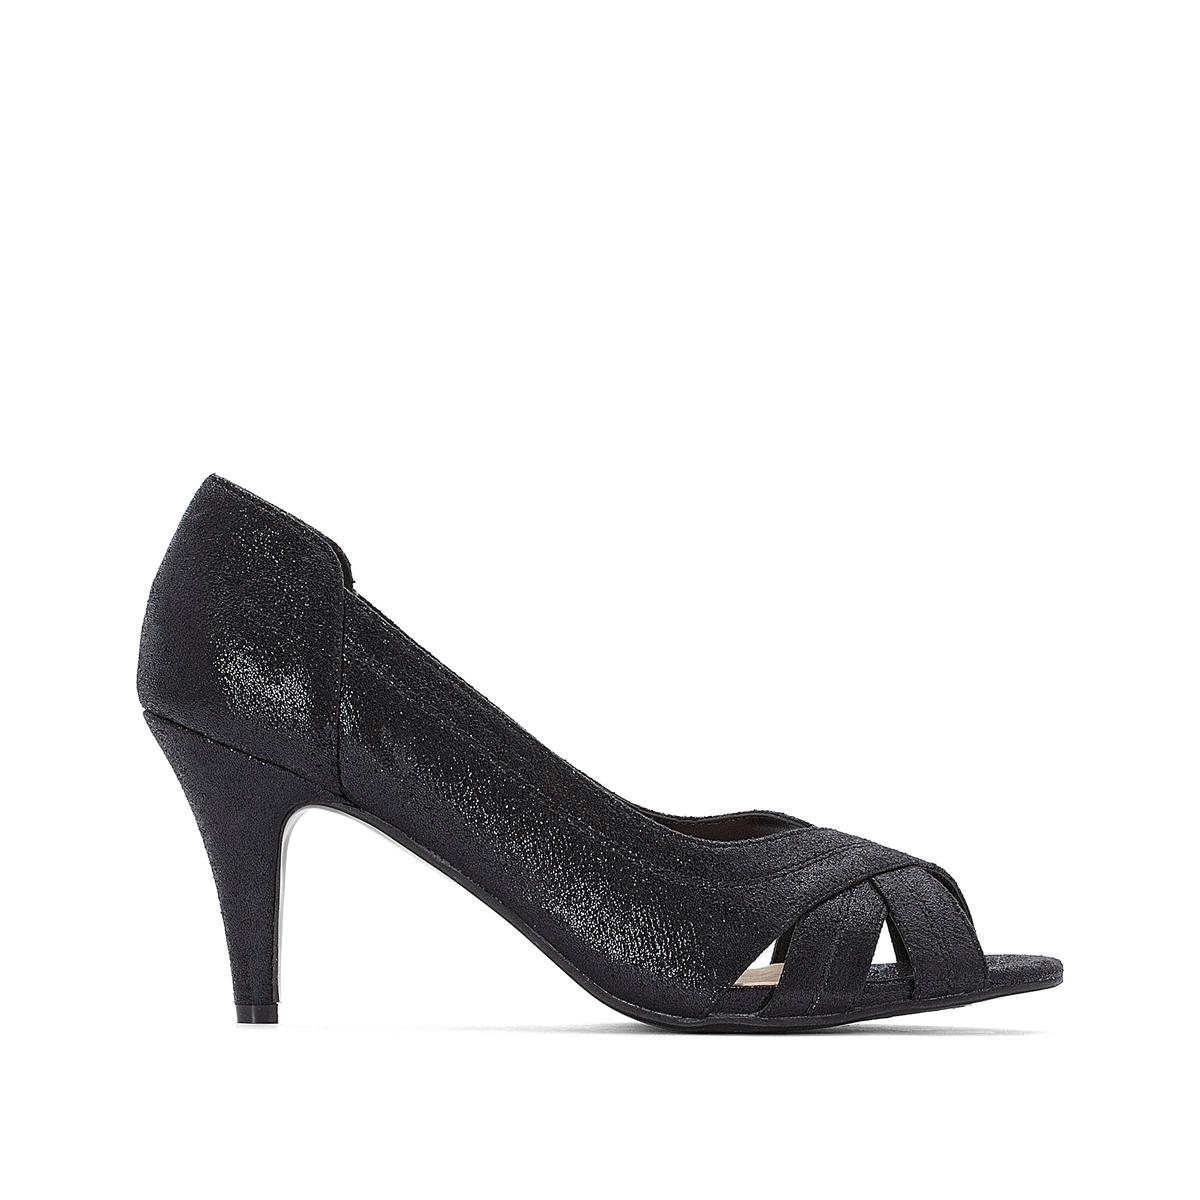 Туфли La Redoute С открытым мыском 41 черный туфли la redoute кожаные с открытым мыском и деталями золотистого цвета 41 черный